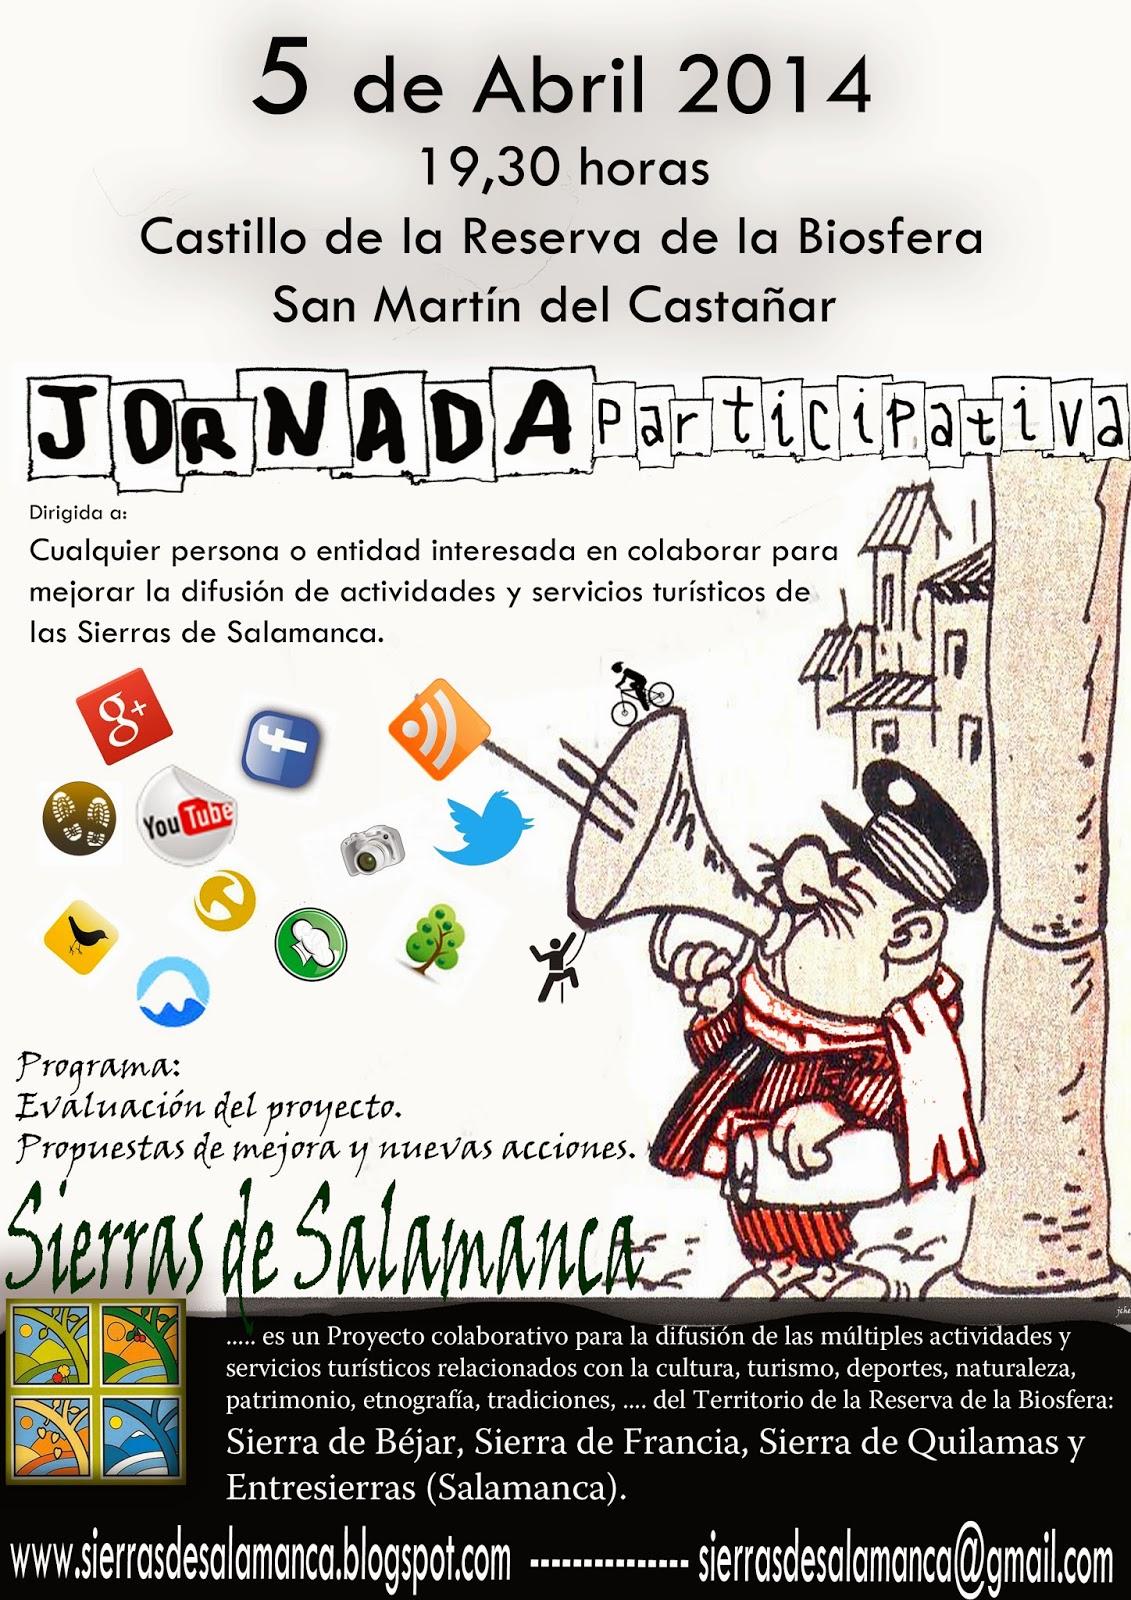 """5/Abril: Jornada Participativa """"Sierras de Salamanca"""". San Martín del Castañar, San Martín del Castañar, Reunión,"""